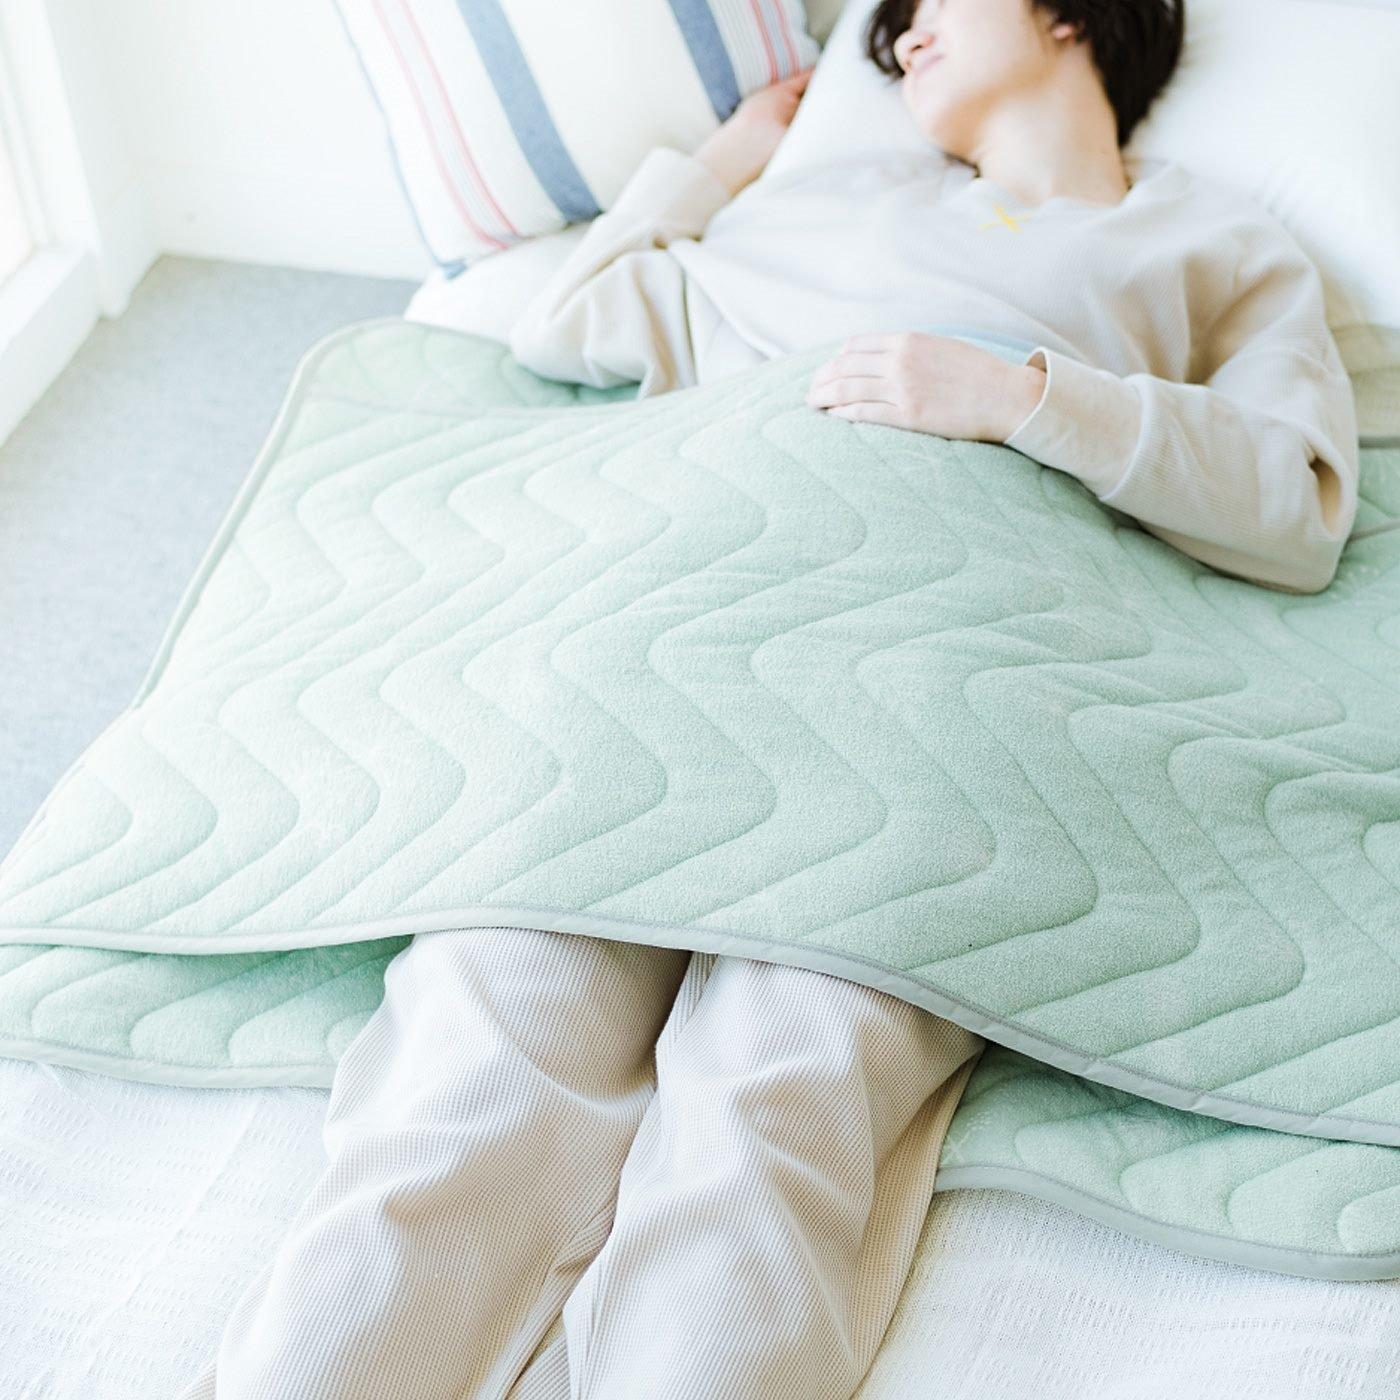 ちょい冷えする足もとやおなかに!寝返りしてもずれない綿パイルスリーブケットの会